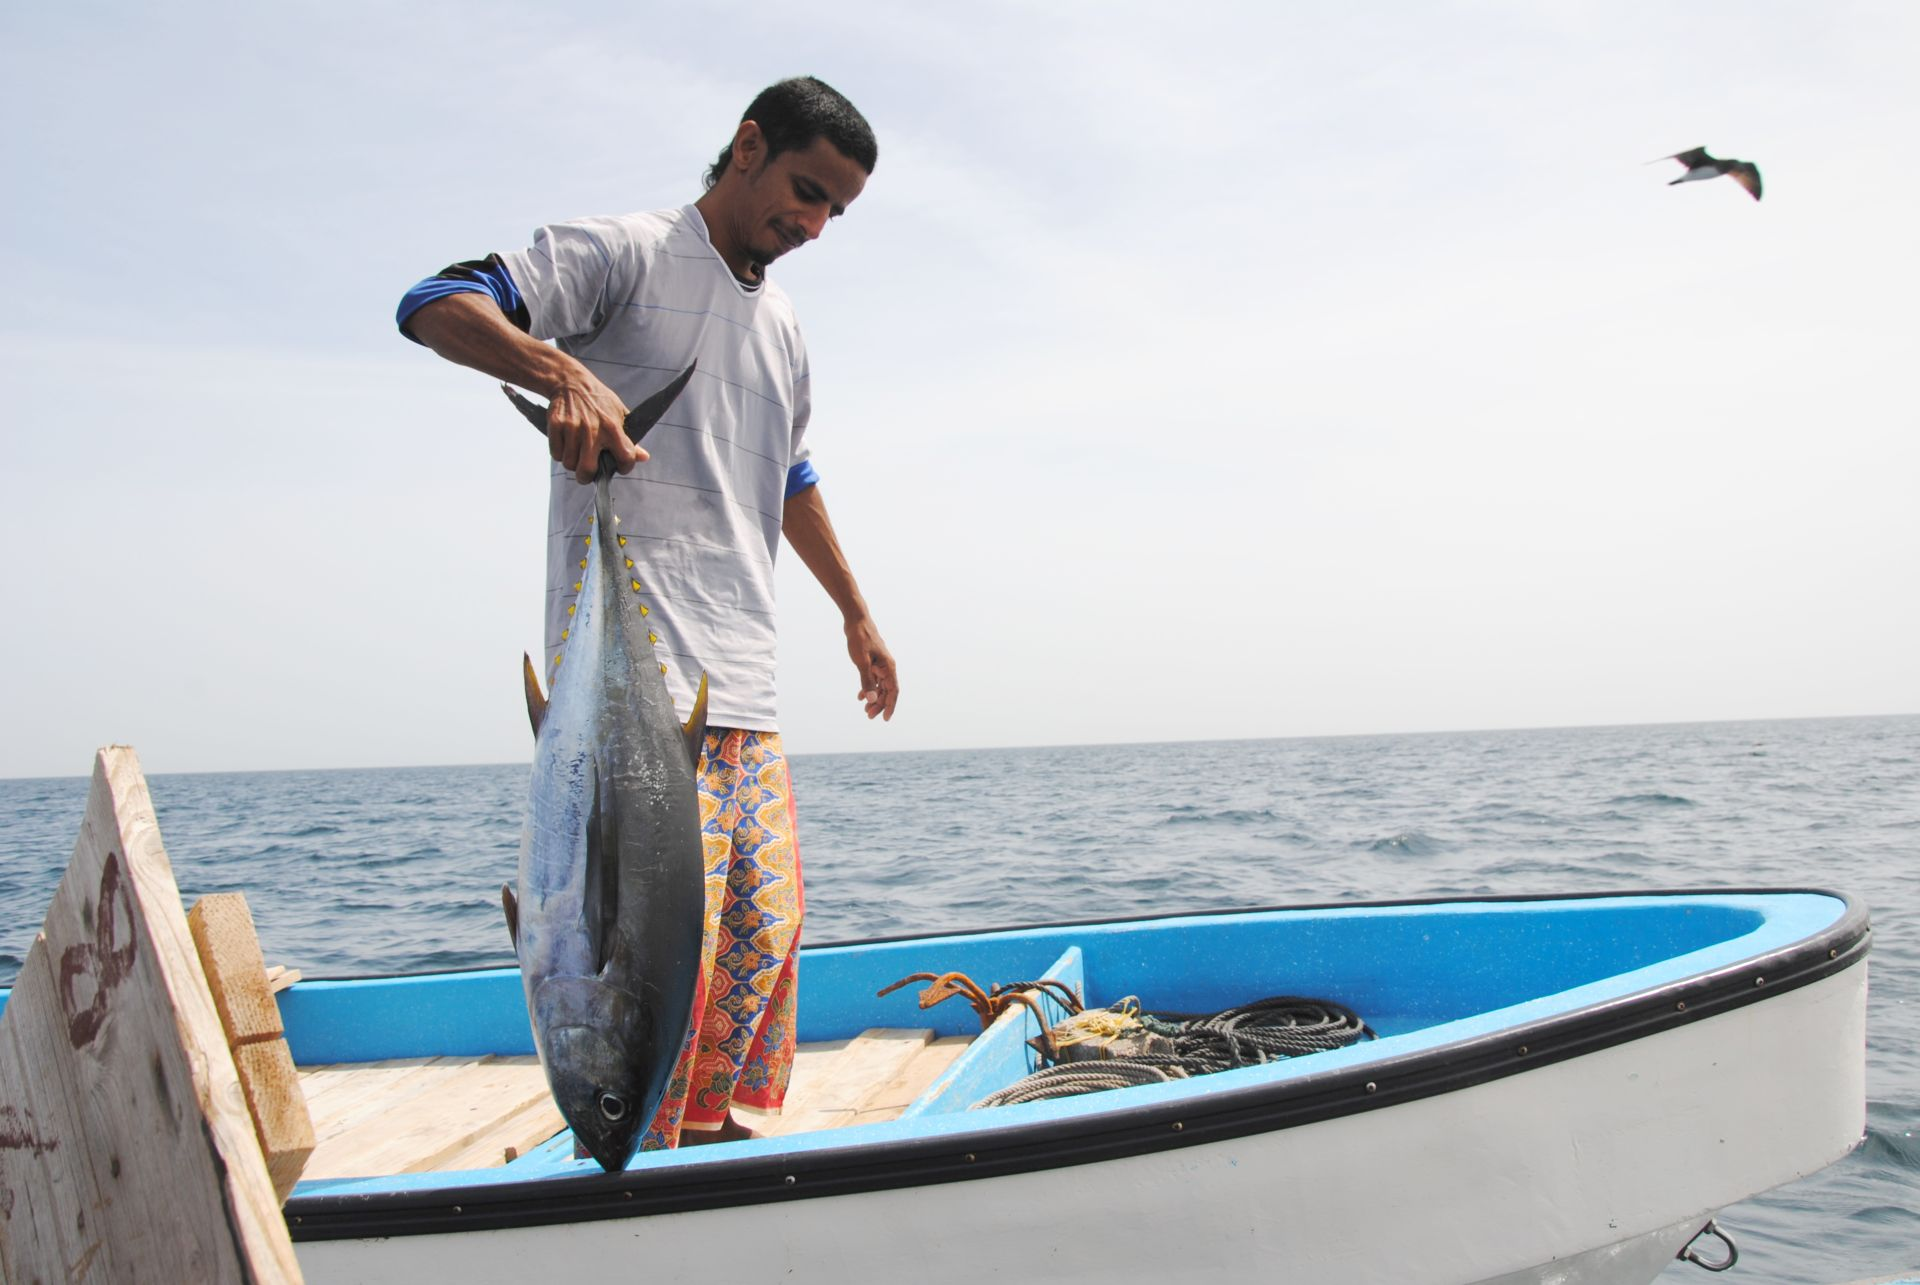 Ein Mann hält einen Thunfisch auf einem Boot